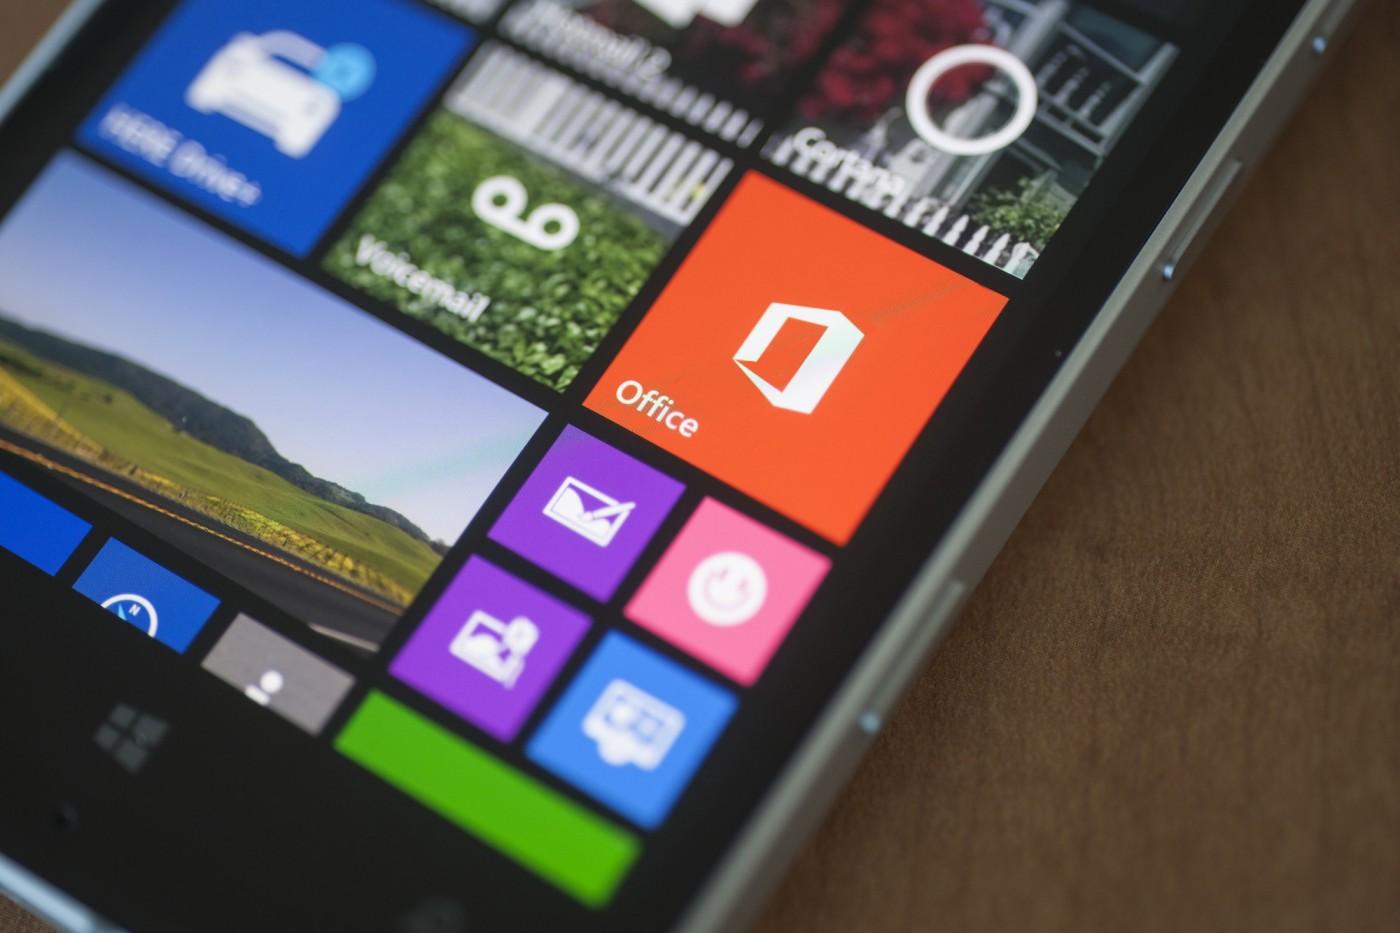 微軟放棄治療?4年後不到1%市佔率的Windows Phone用戶可能變成0